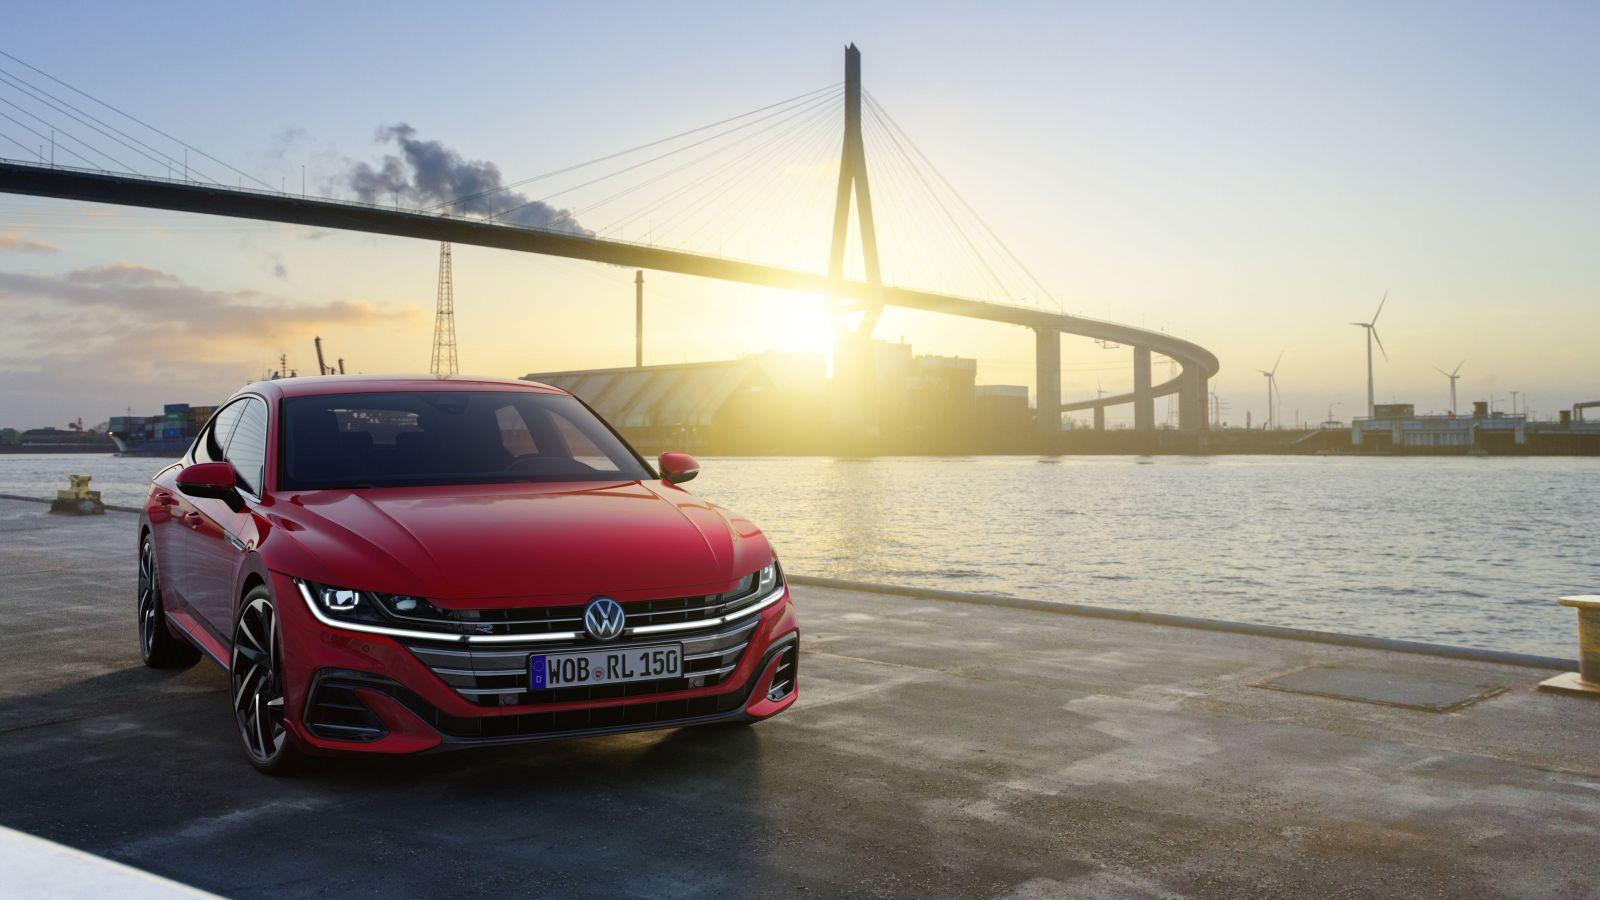 Najkrajší Volkswagen vstupuje na náš trh vo vynovenej podobe už aj ako štýové kombi. Koľko stojí?